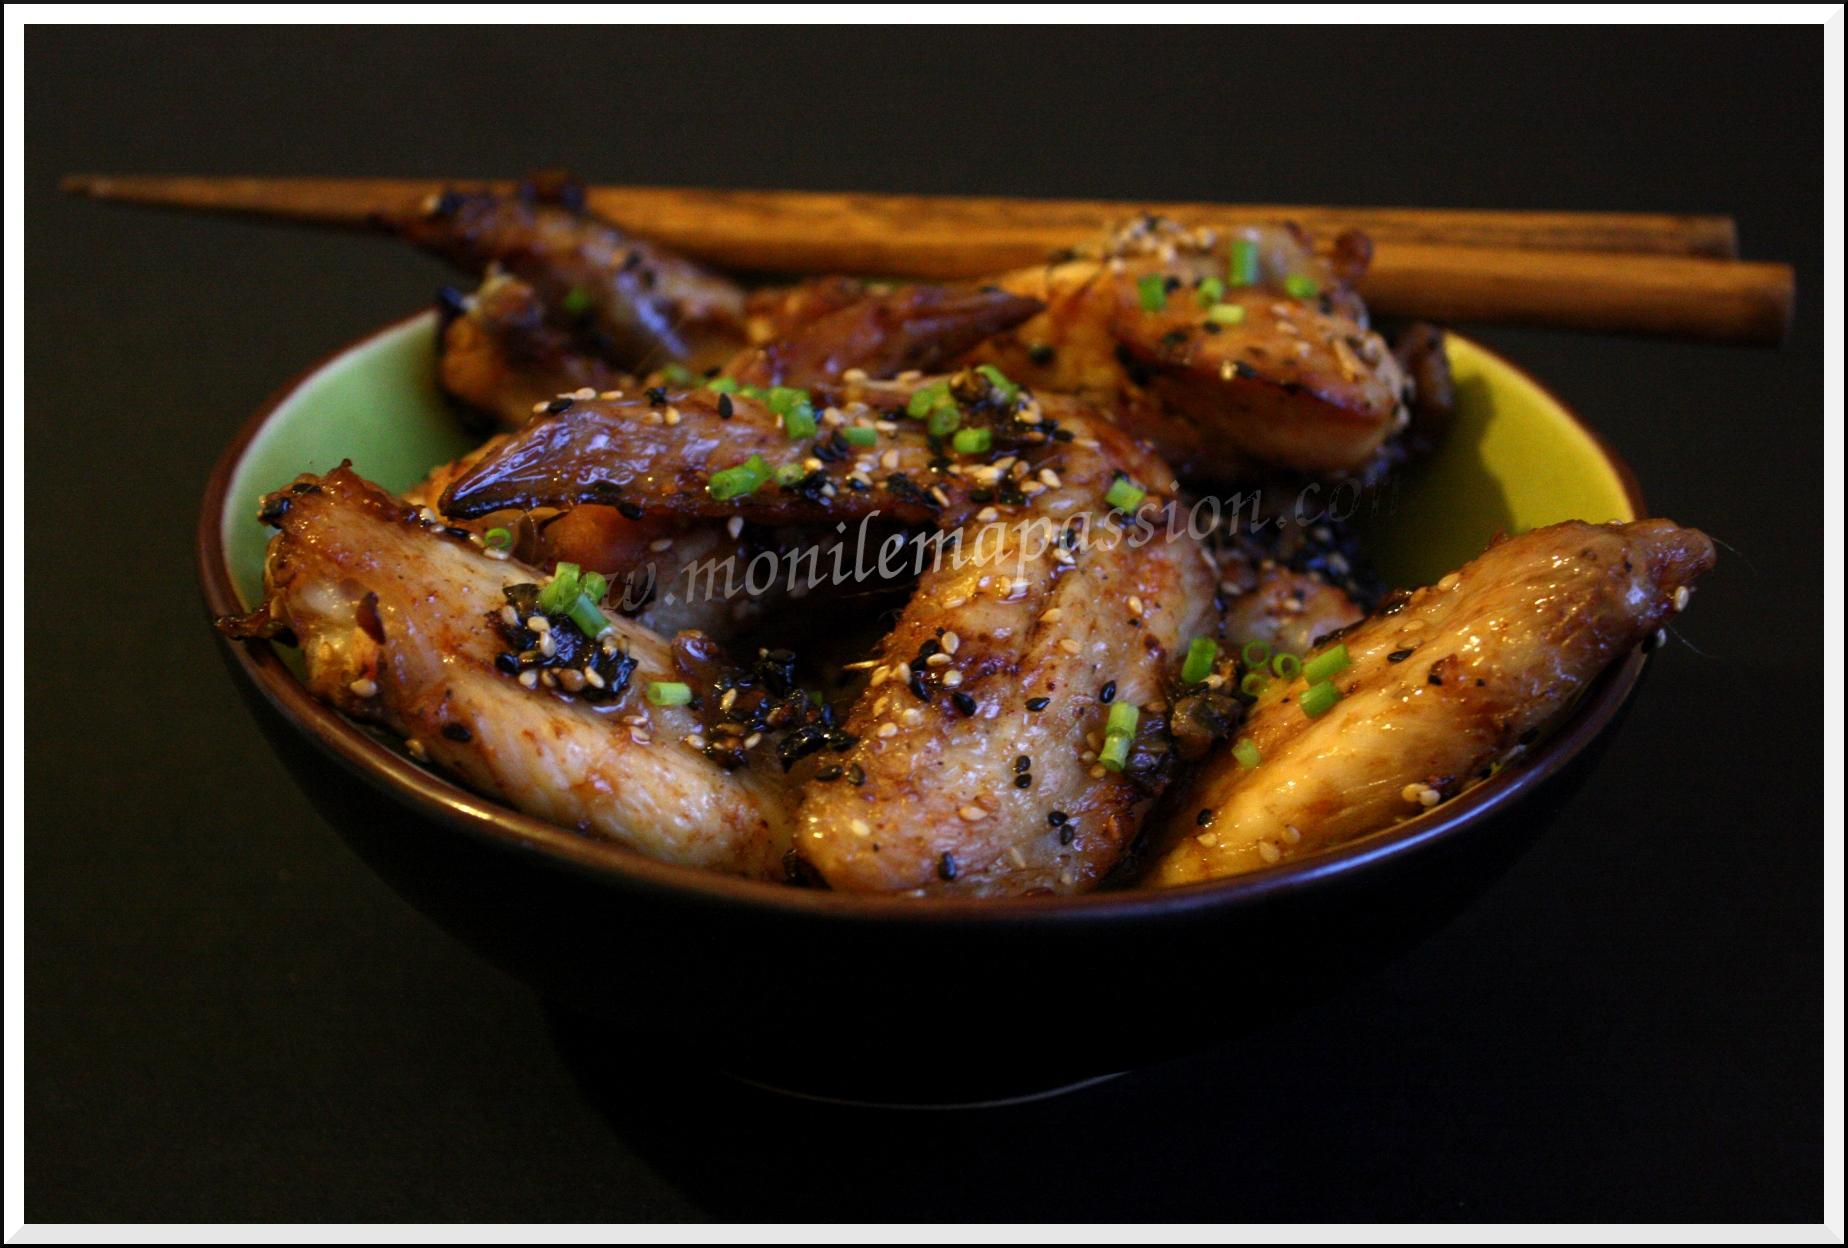 Ailerons de poulet à la sauce Hoisin et aux graines de sésame et nigelle